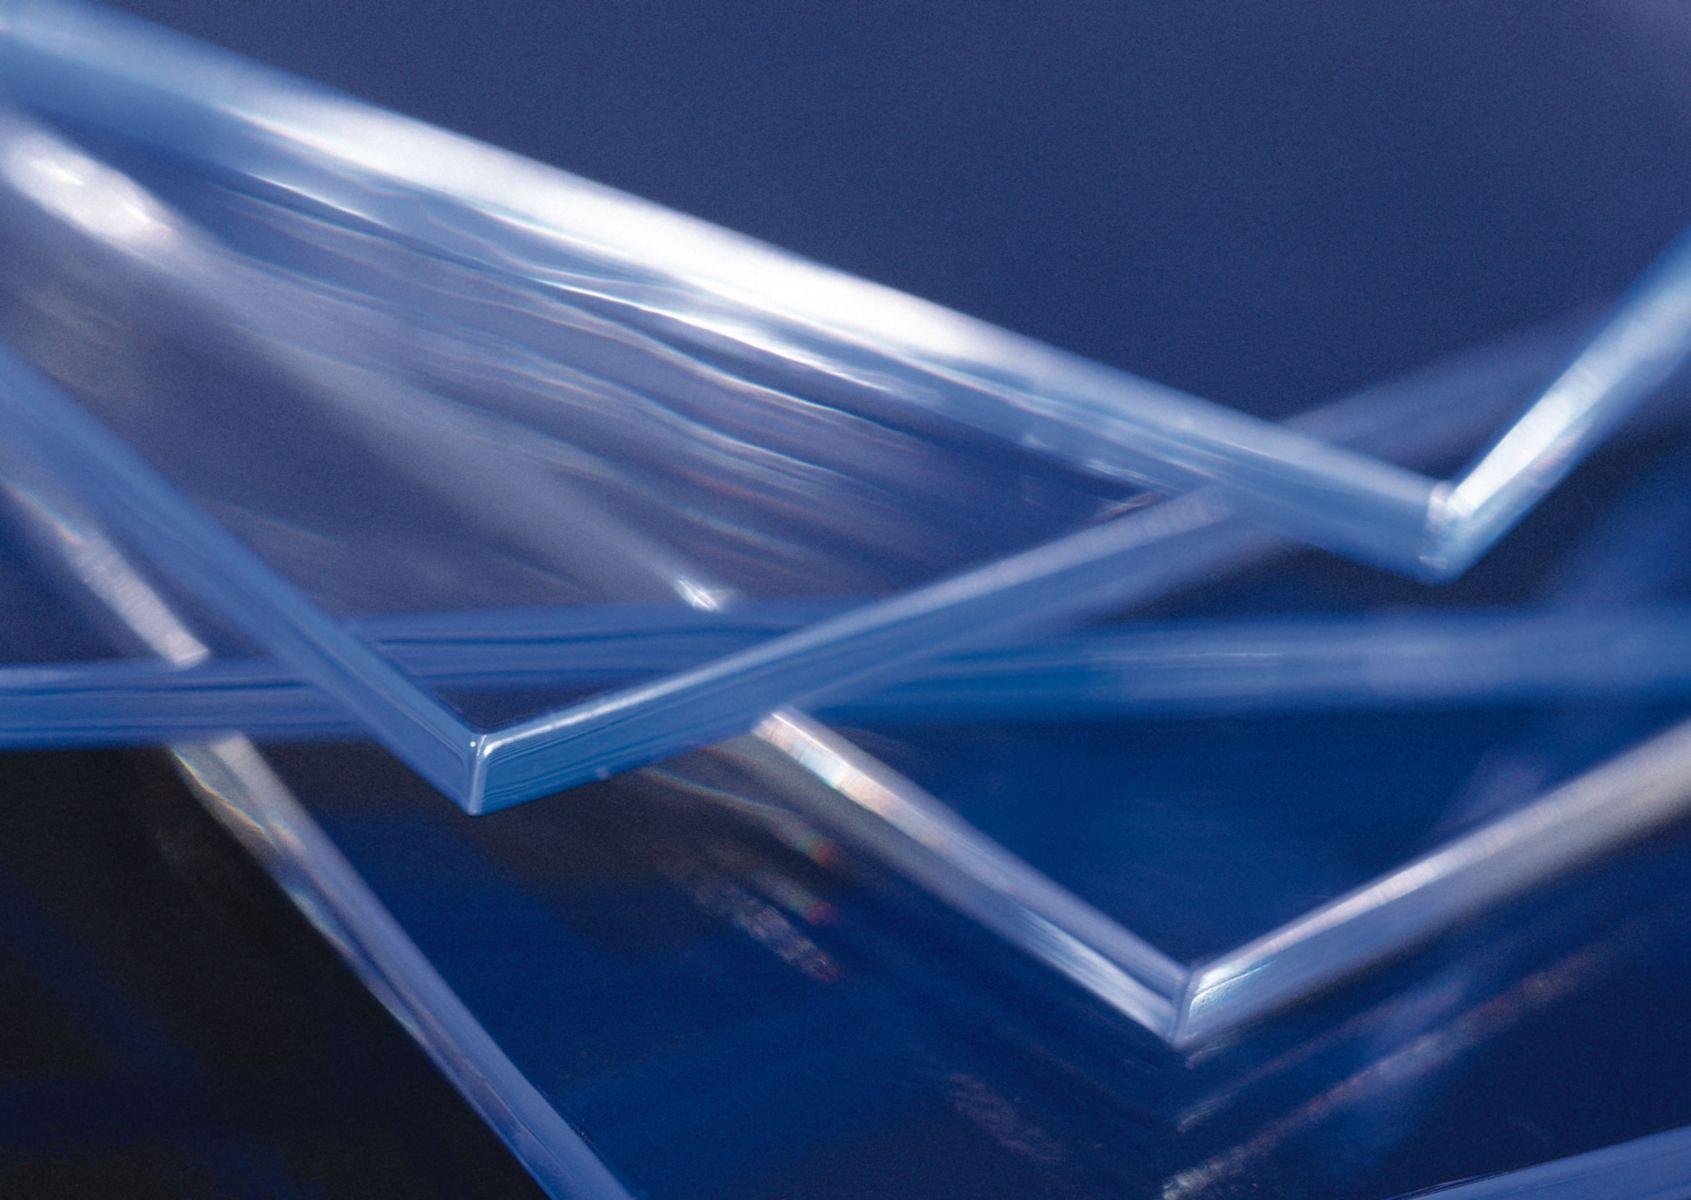 Placa de policarbonato solido